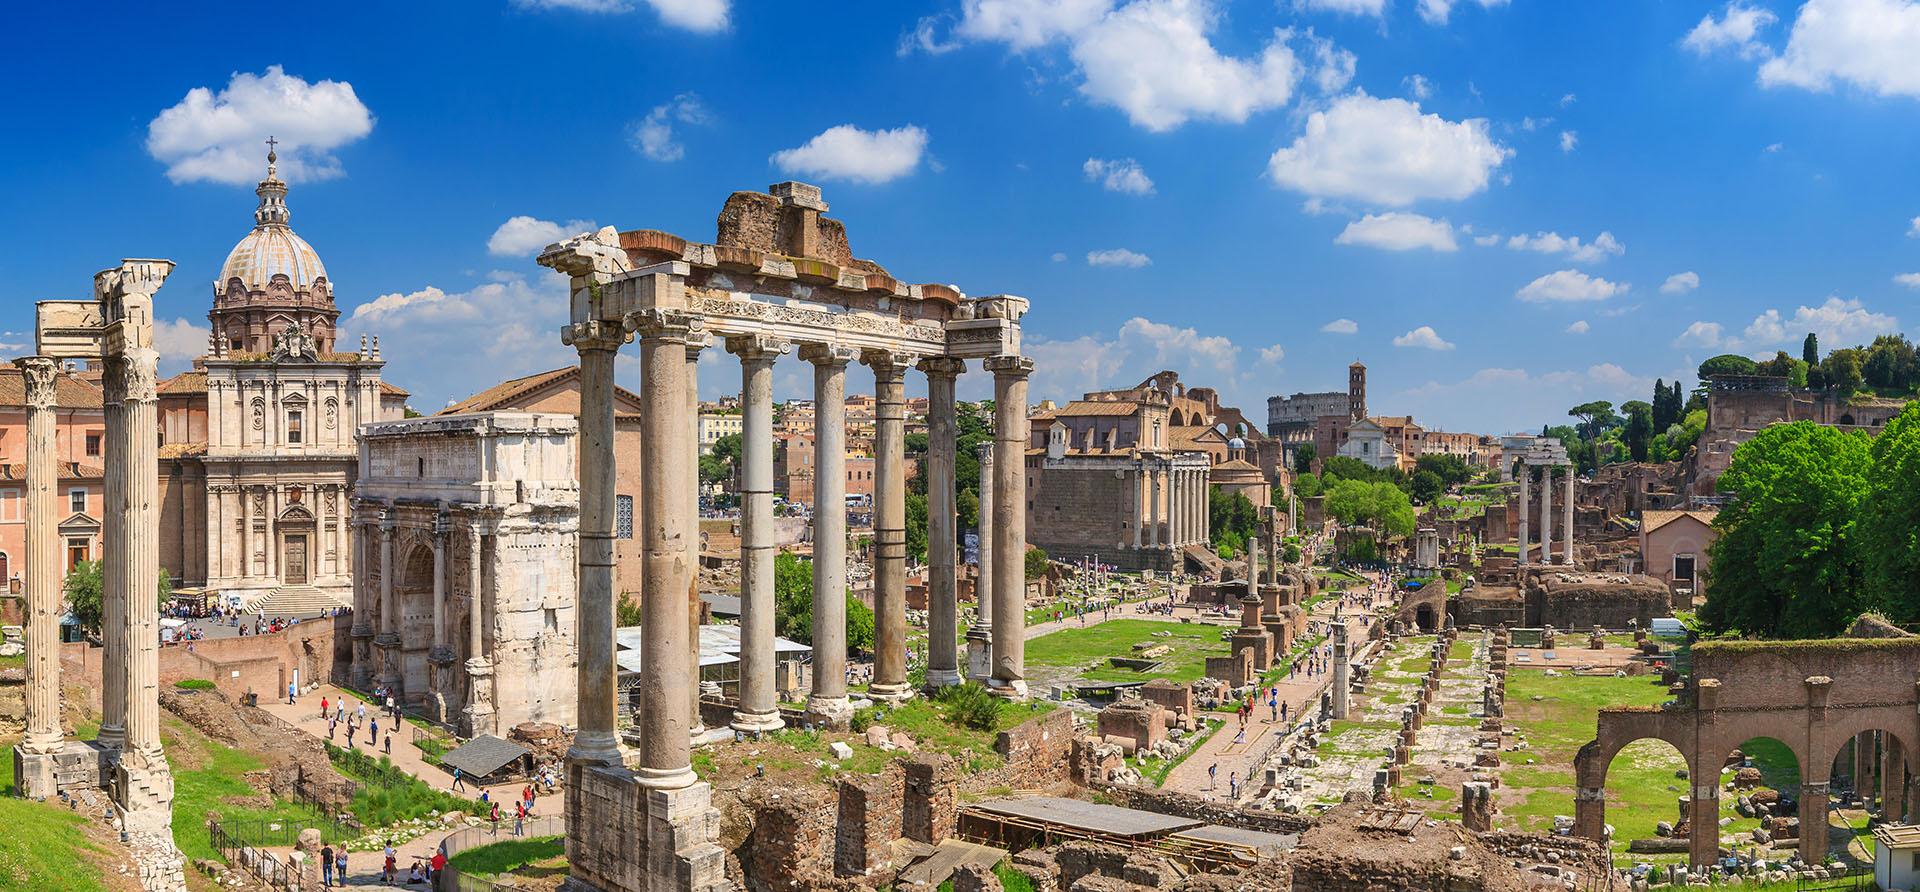 TBlick über das Forum Romanum